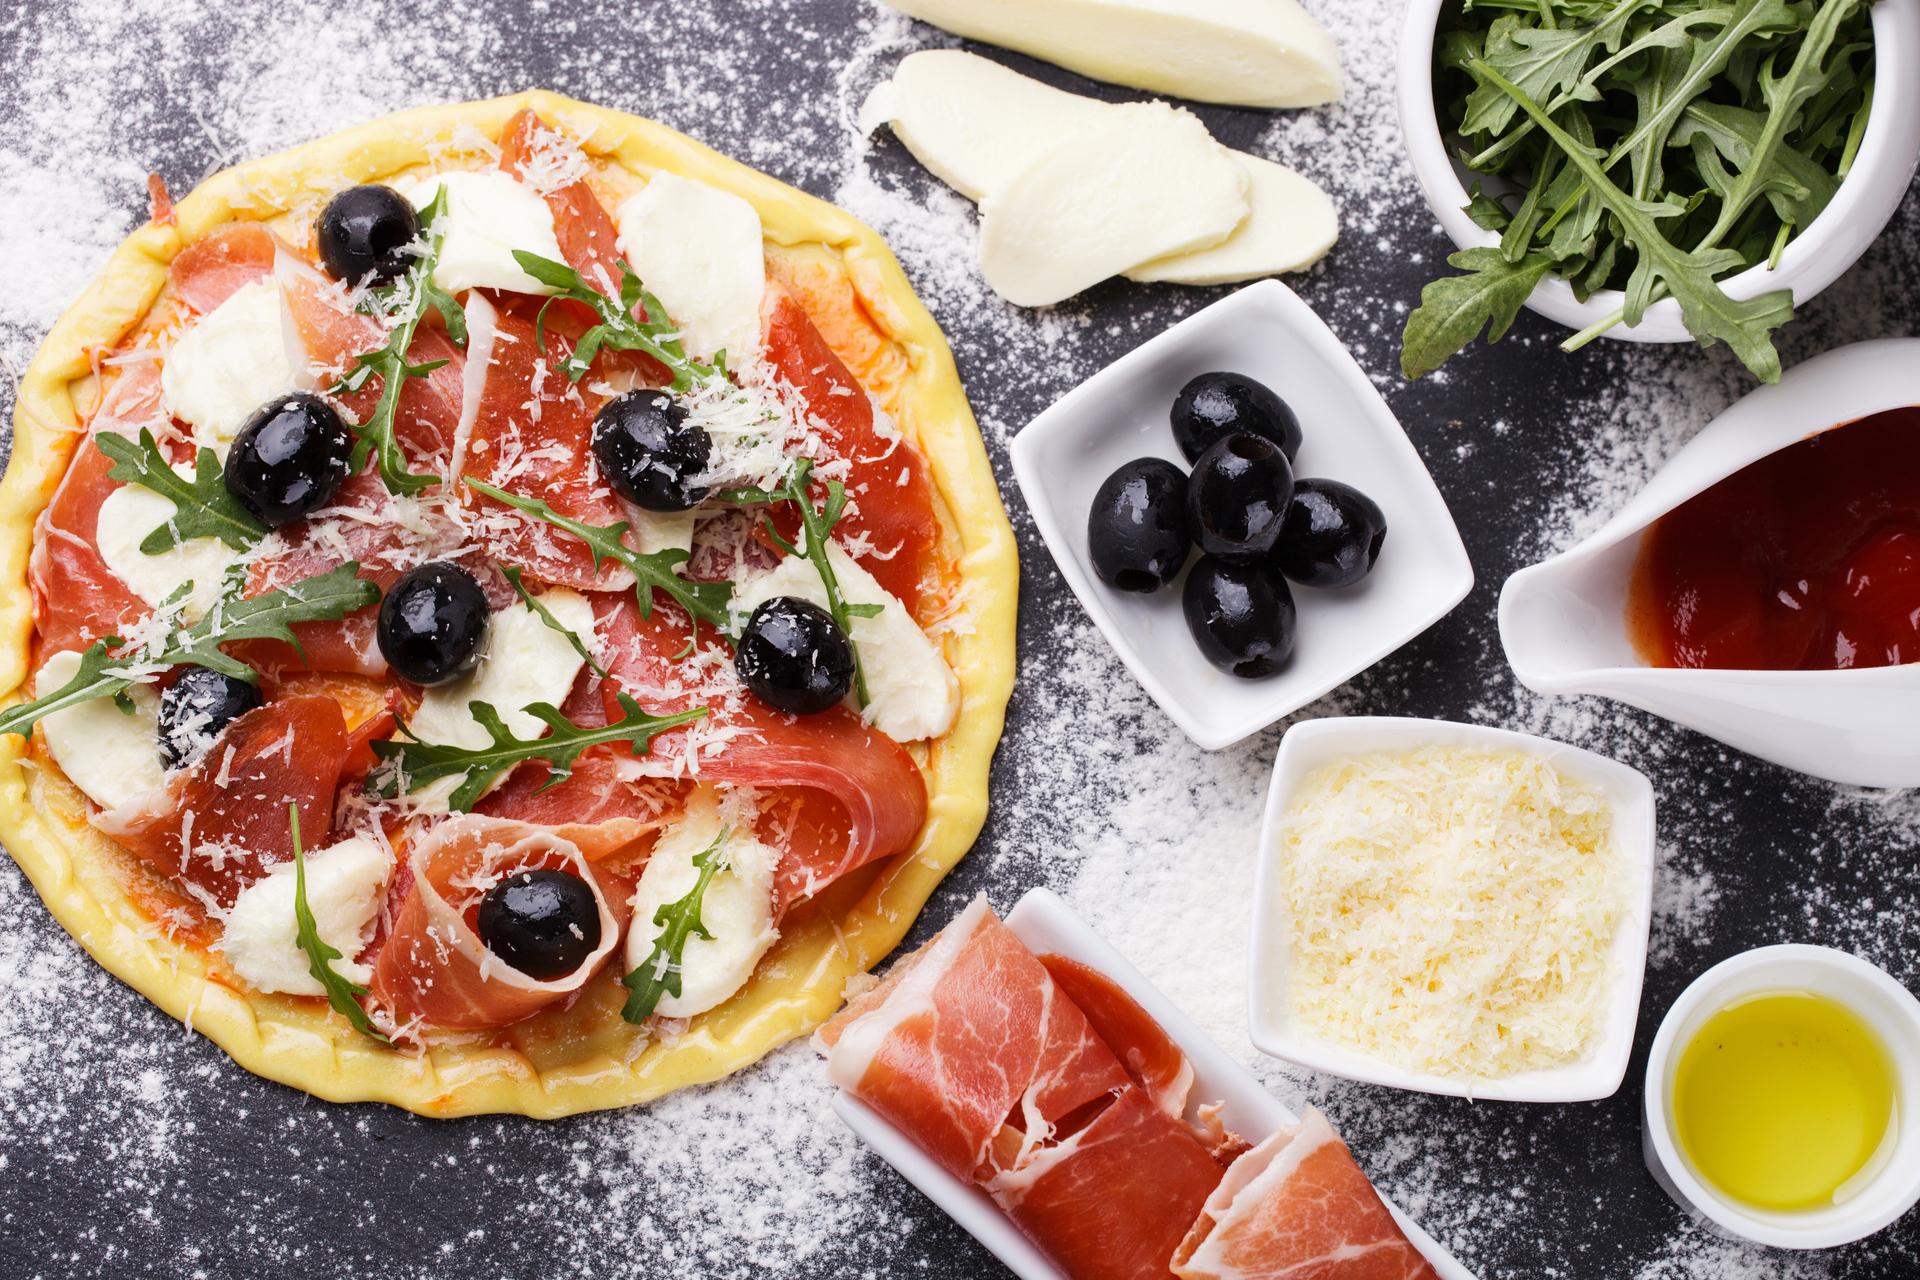 Eat2Gather W-EET-je welke ingrediënten wij het liefst op onze pizza doen?